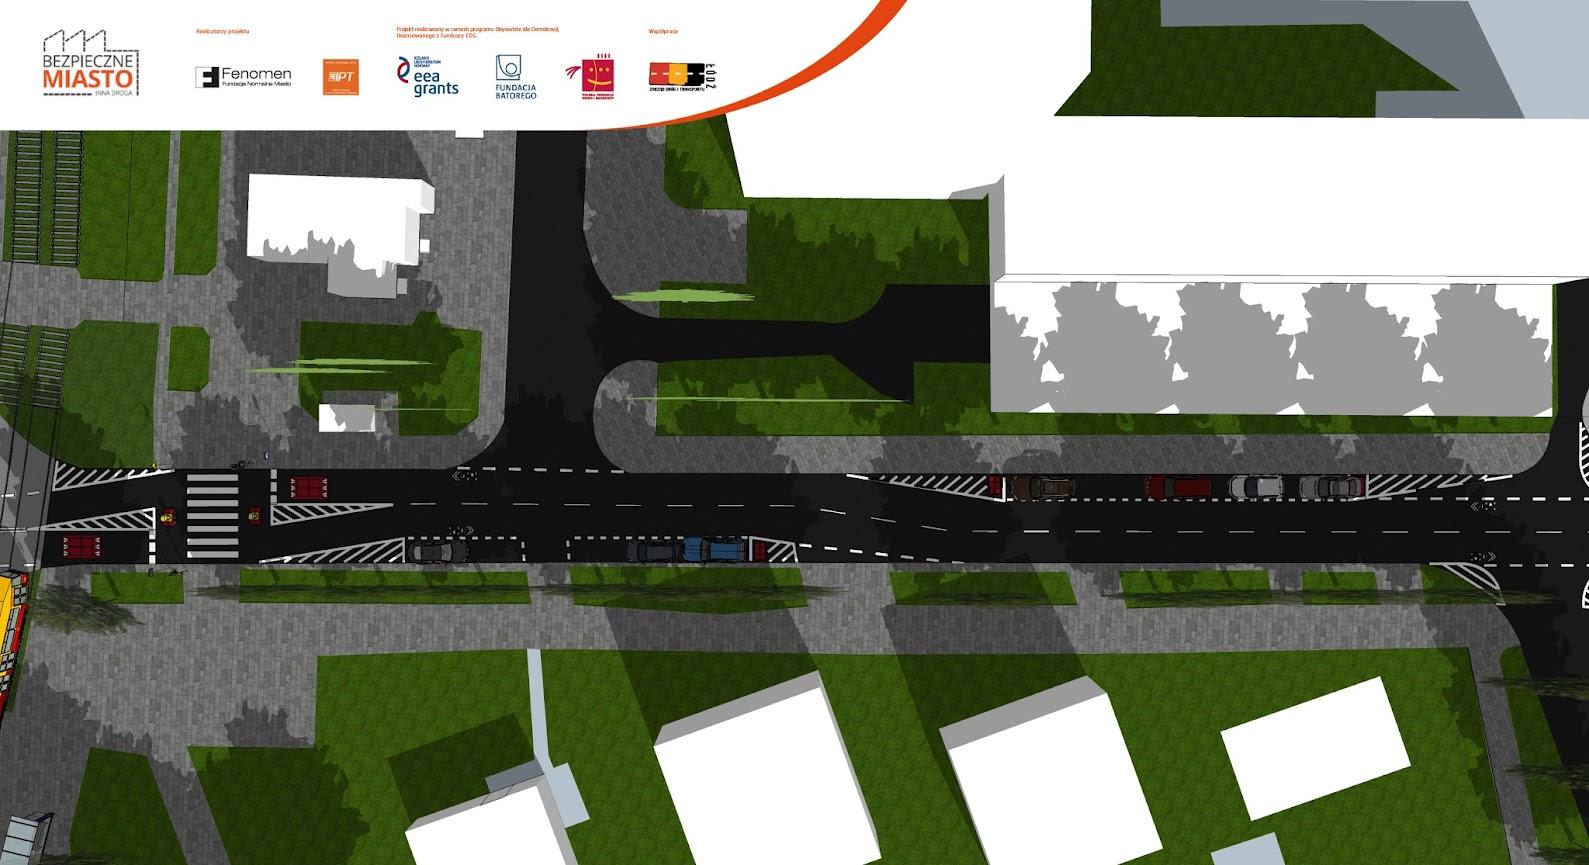 Poza sierżantami pojawią się nowe miejsca parkingowe dla samochodów